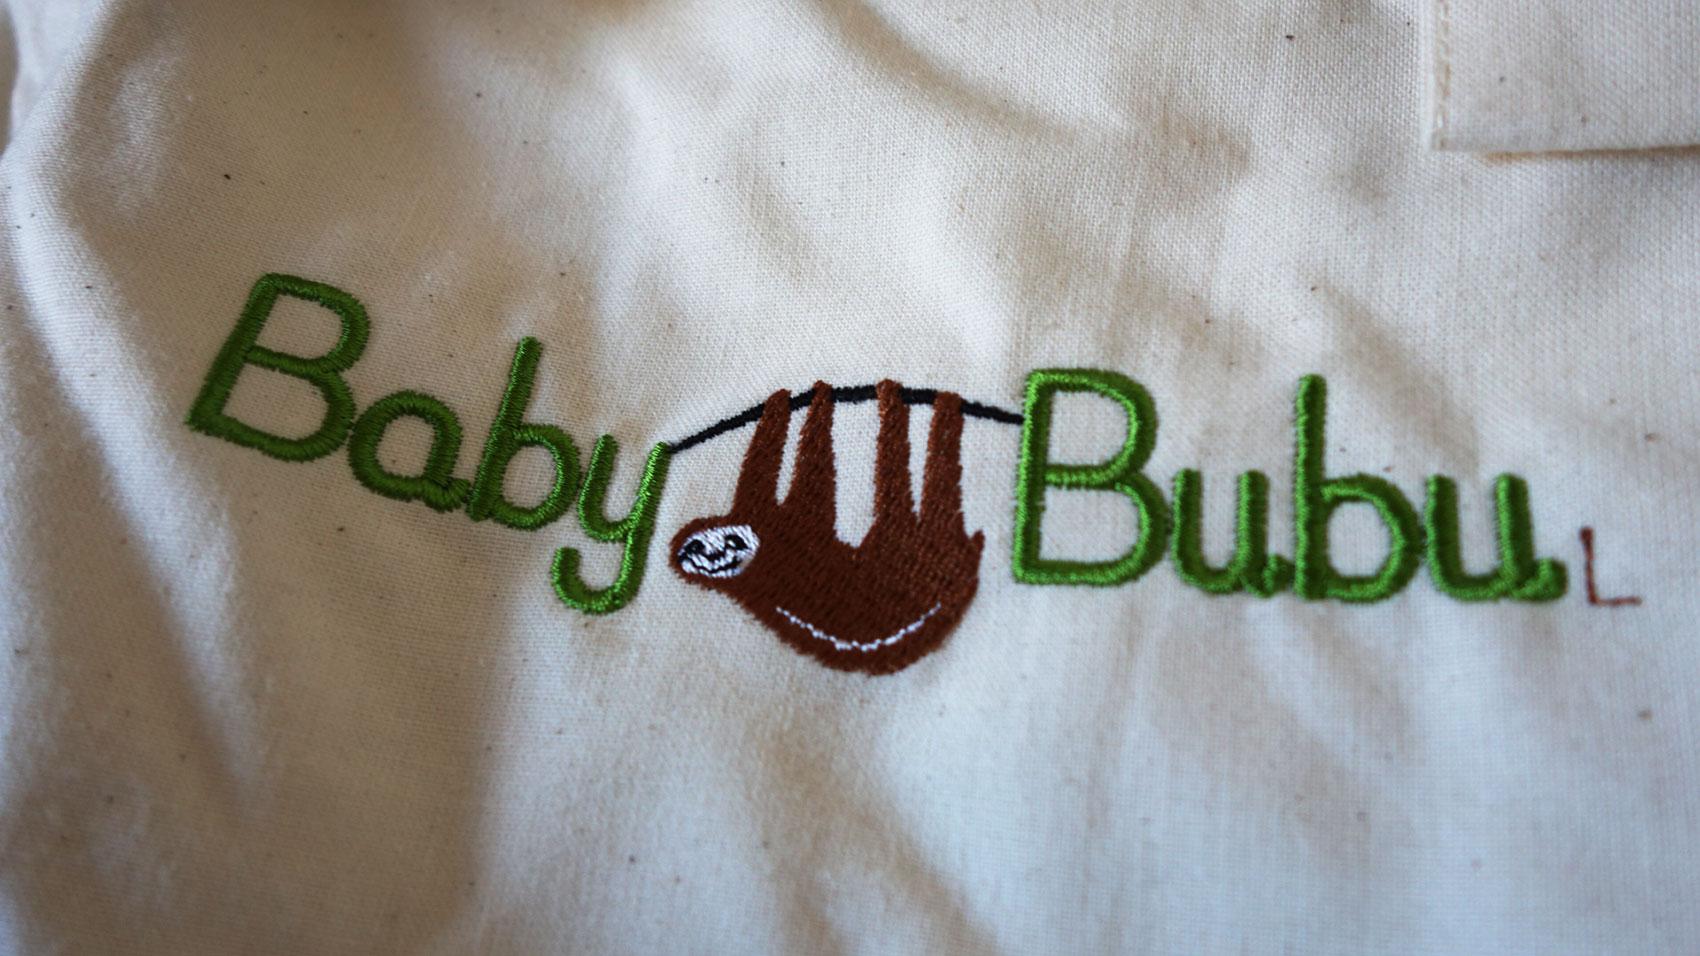 babybubu federwiege test vergleich 6EBD